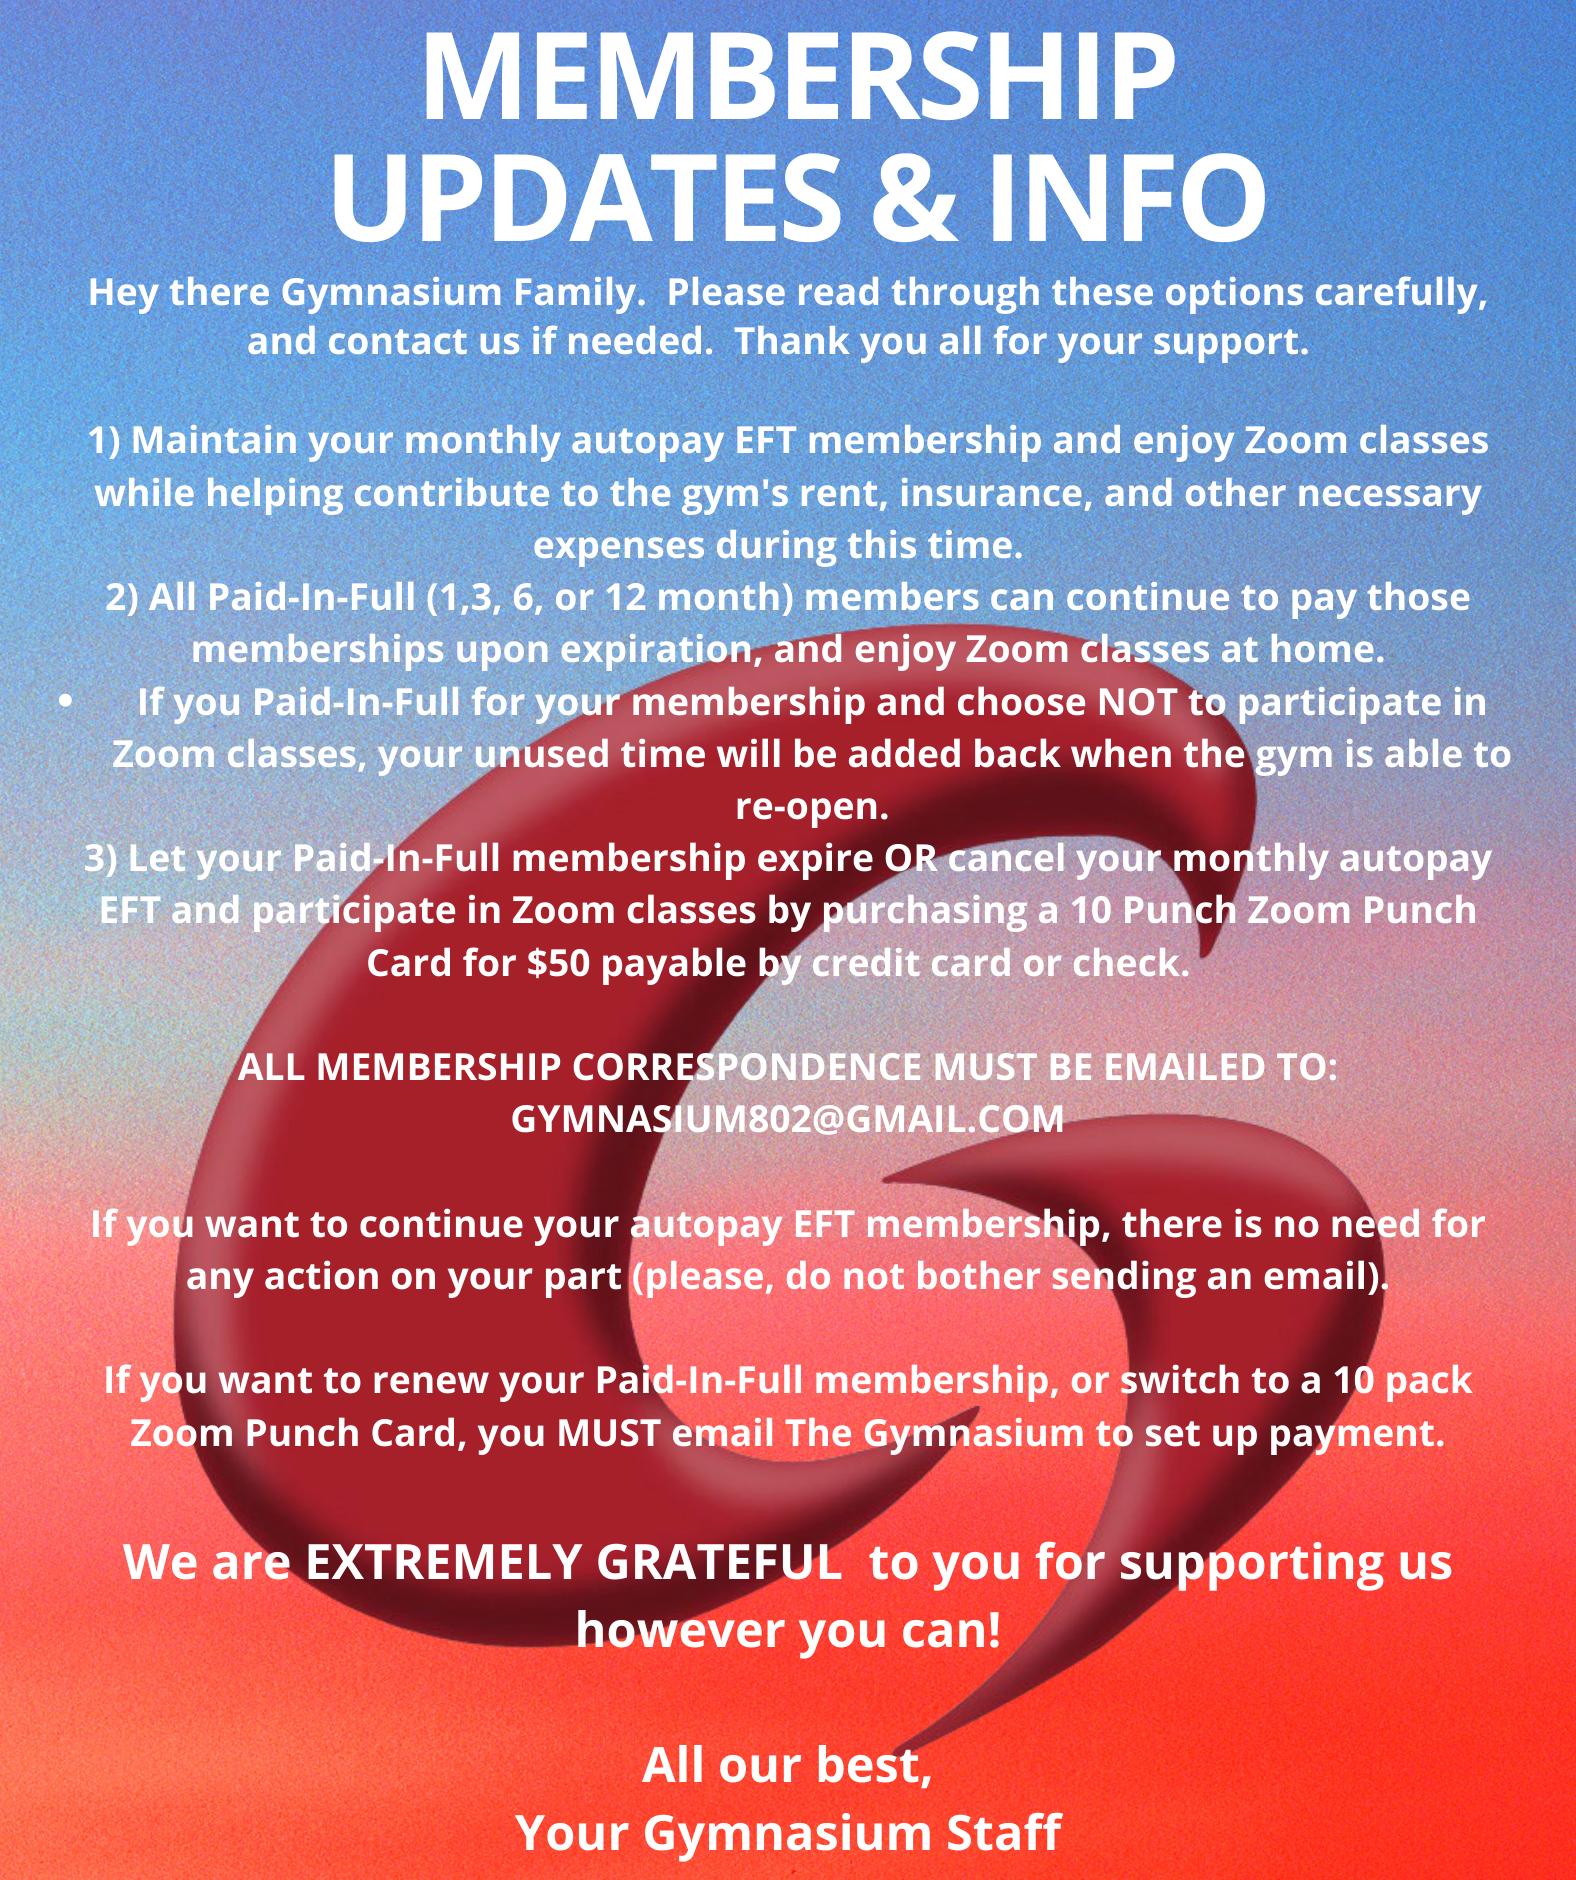 Membership Updates & Info